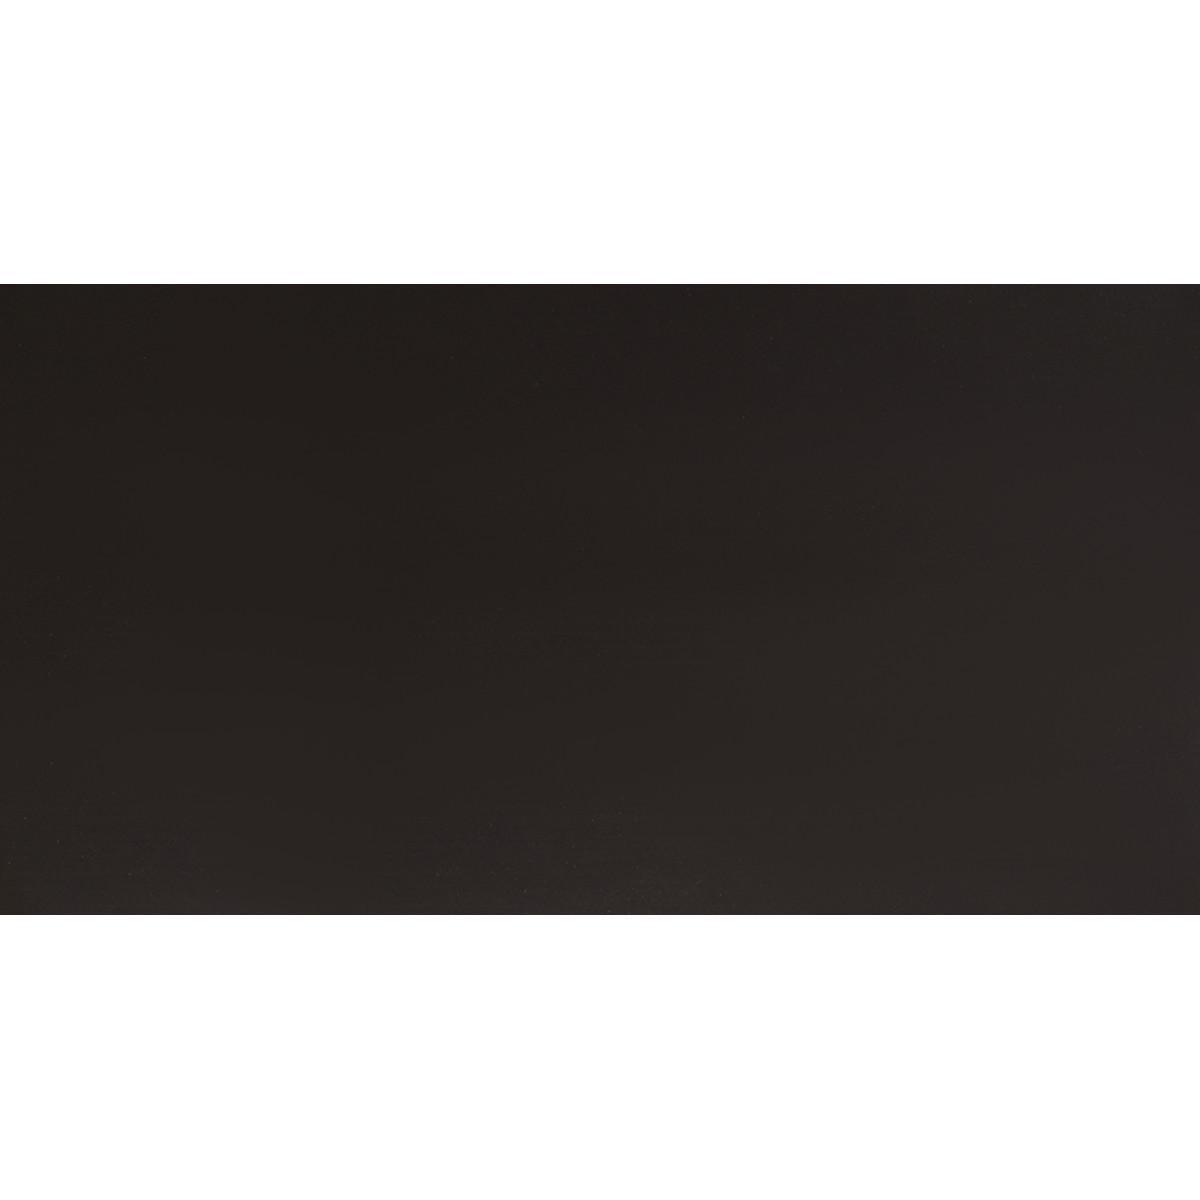 Плитка настенная Pulsar 25x45 см 1.46 м2 цвет черный